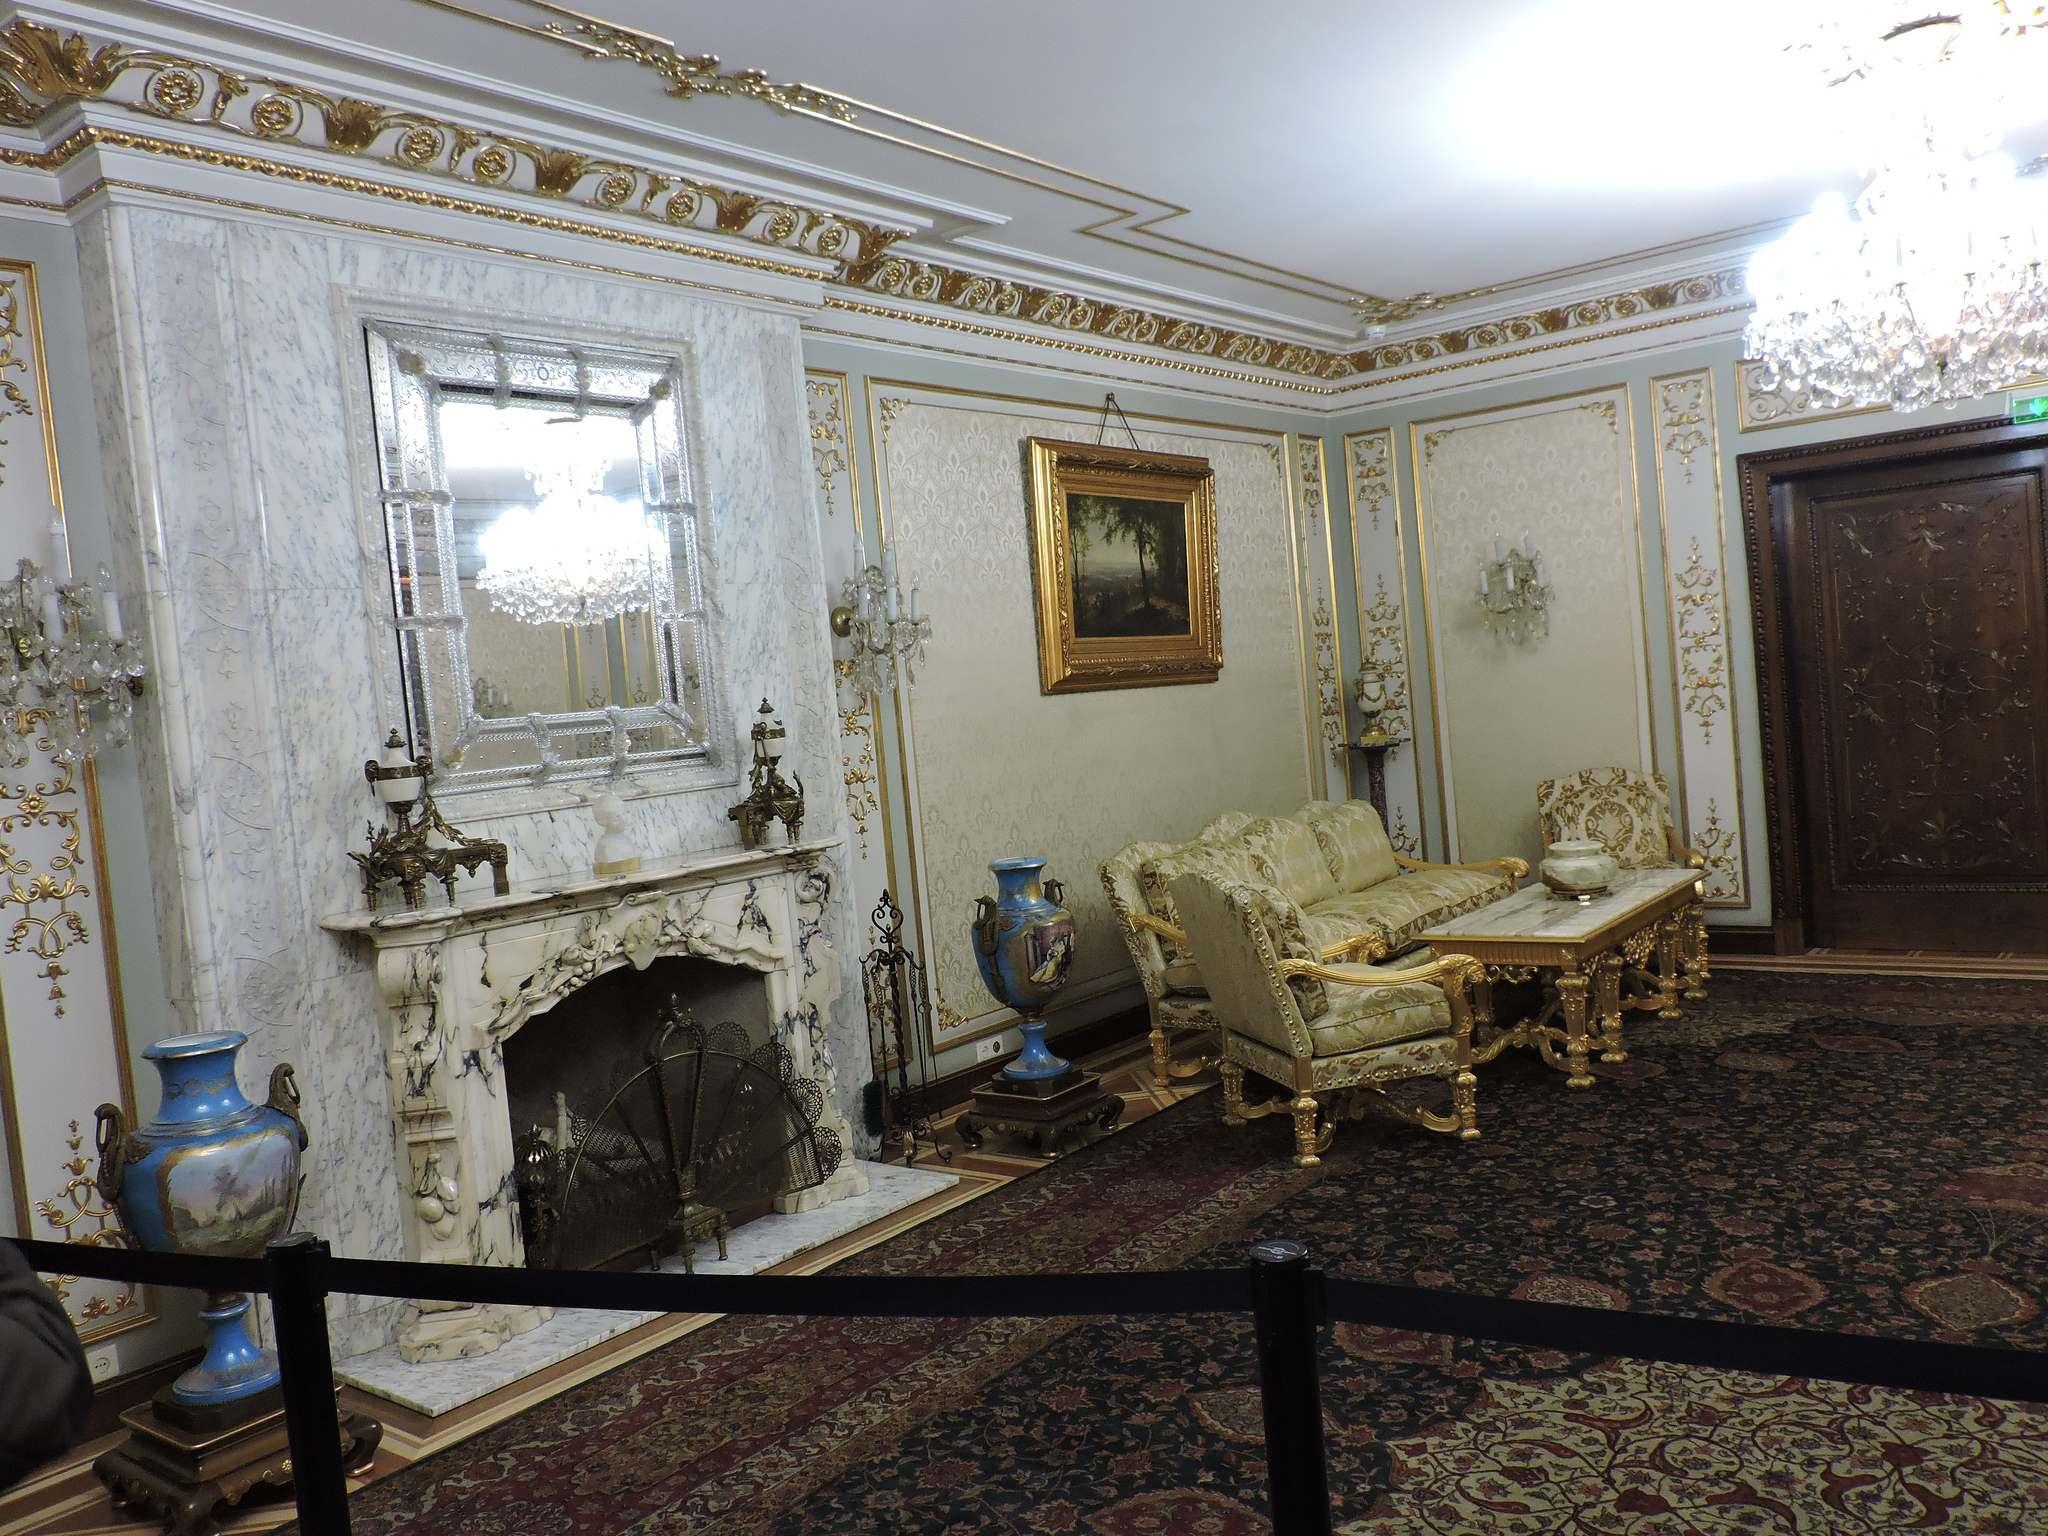 palatul primaverii9 Palatul Primaverii aka Spring Palace of Ceausescu